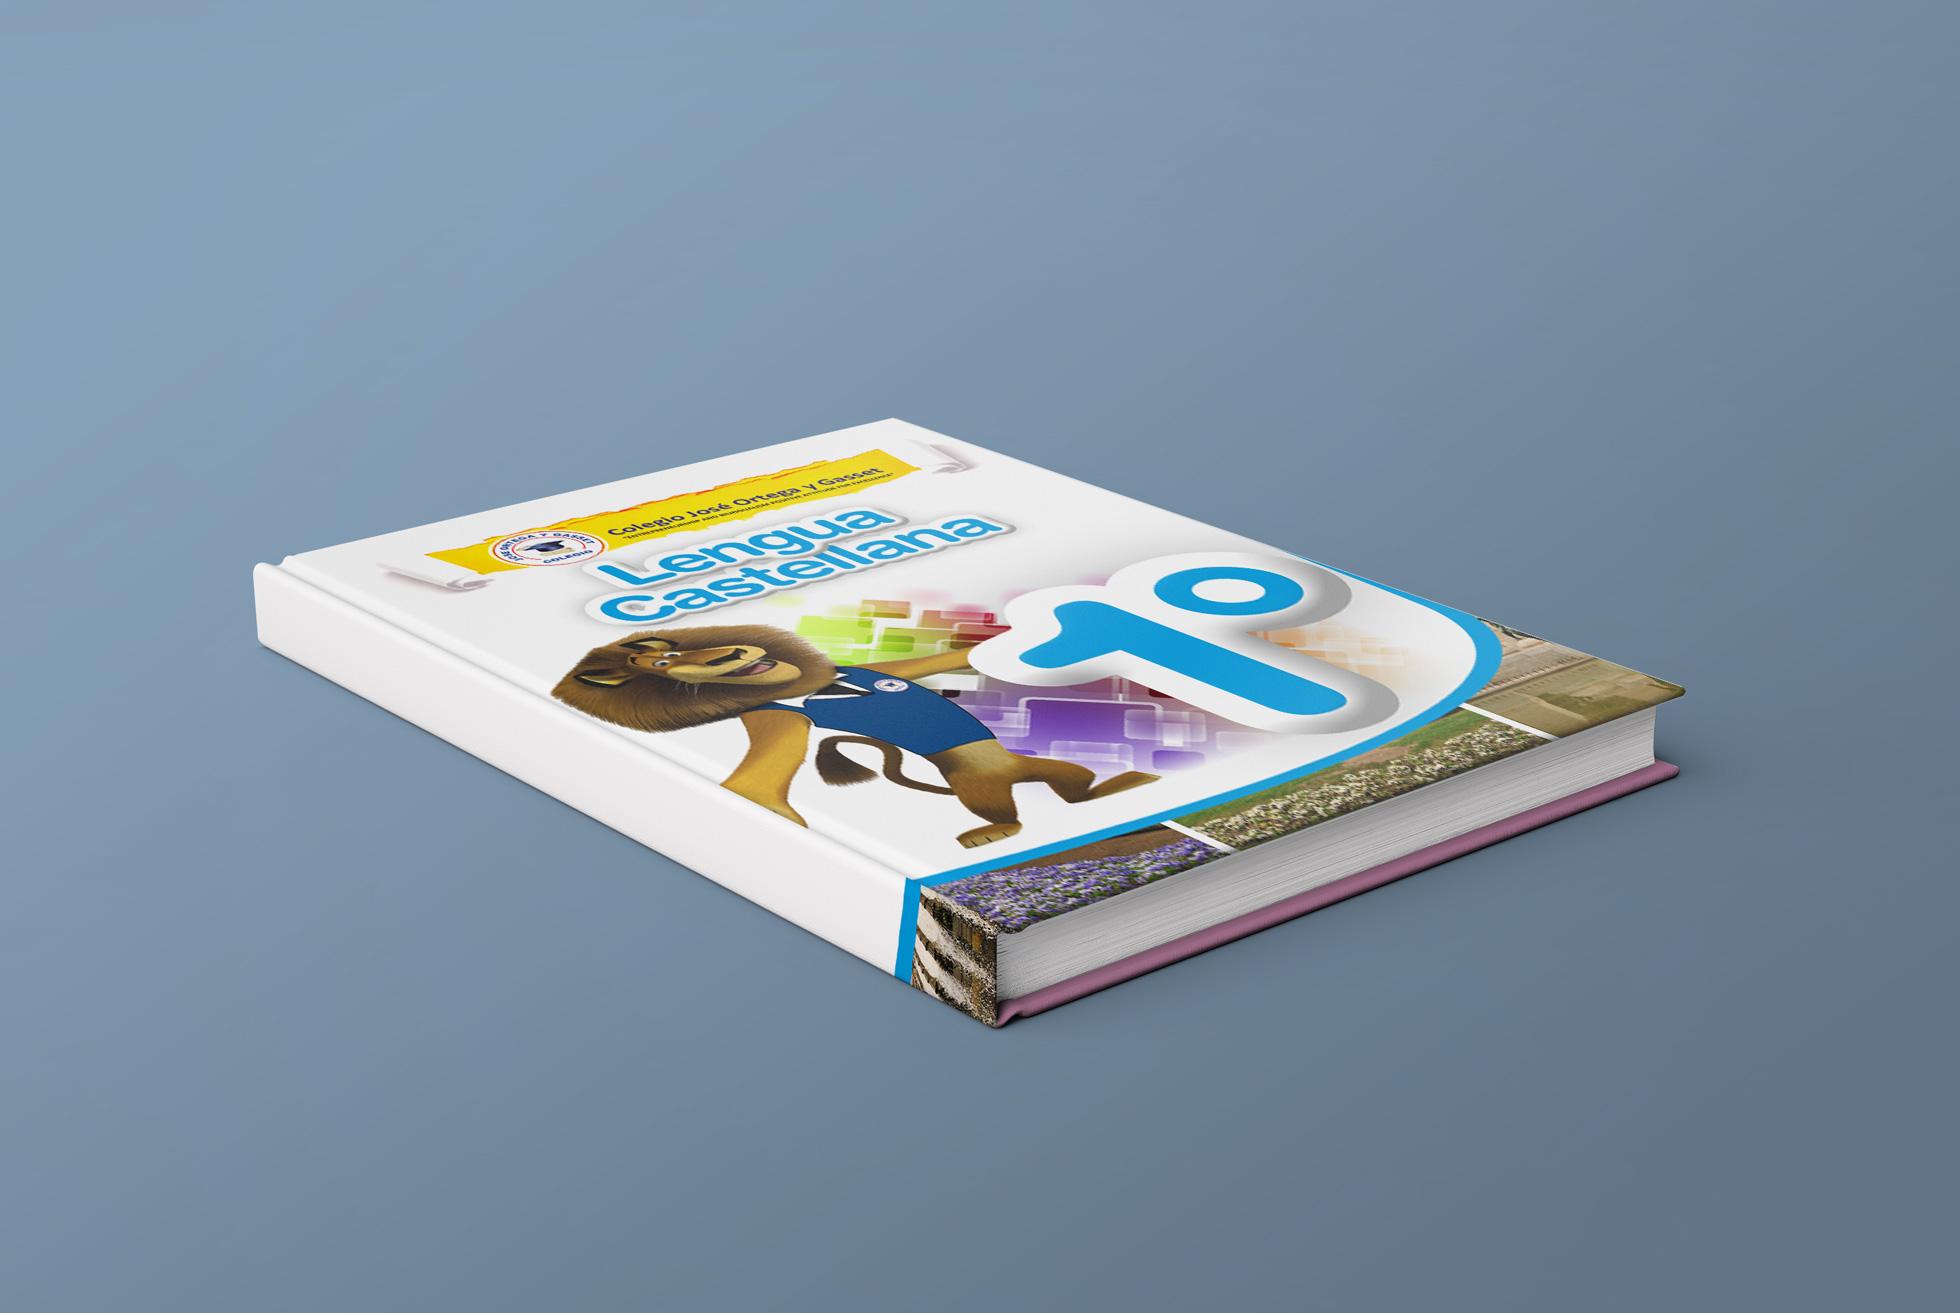 portada de libro sobre una mesa